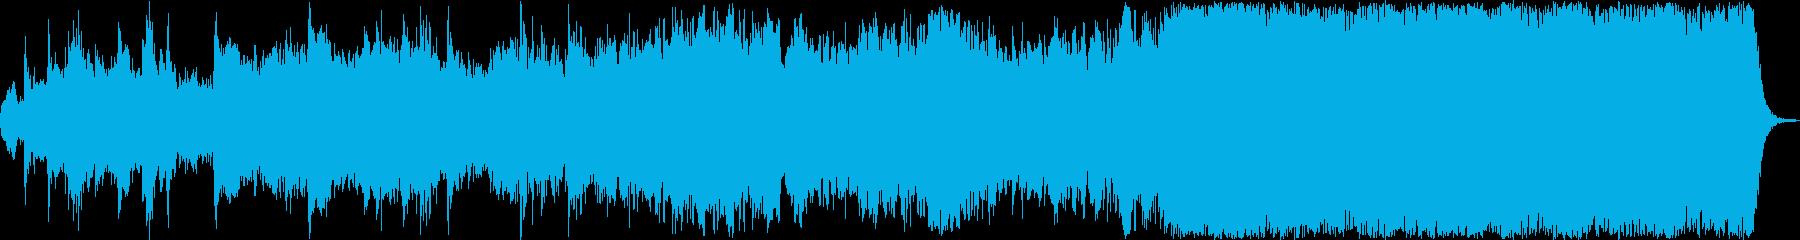 ヴァンゲリスに似たスタイルの感動的...の再生済みの波形